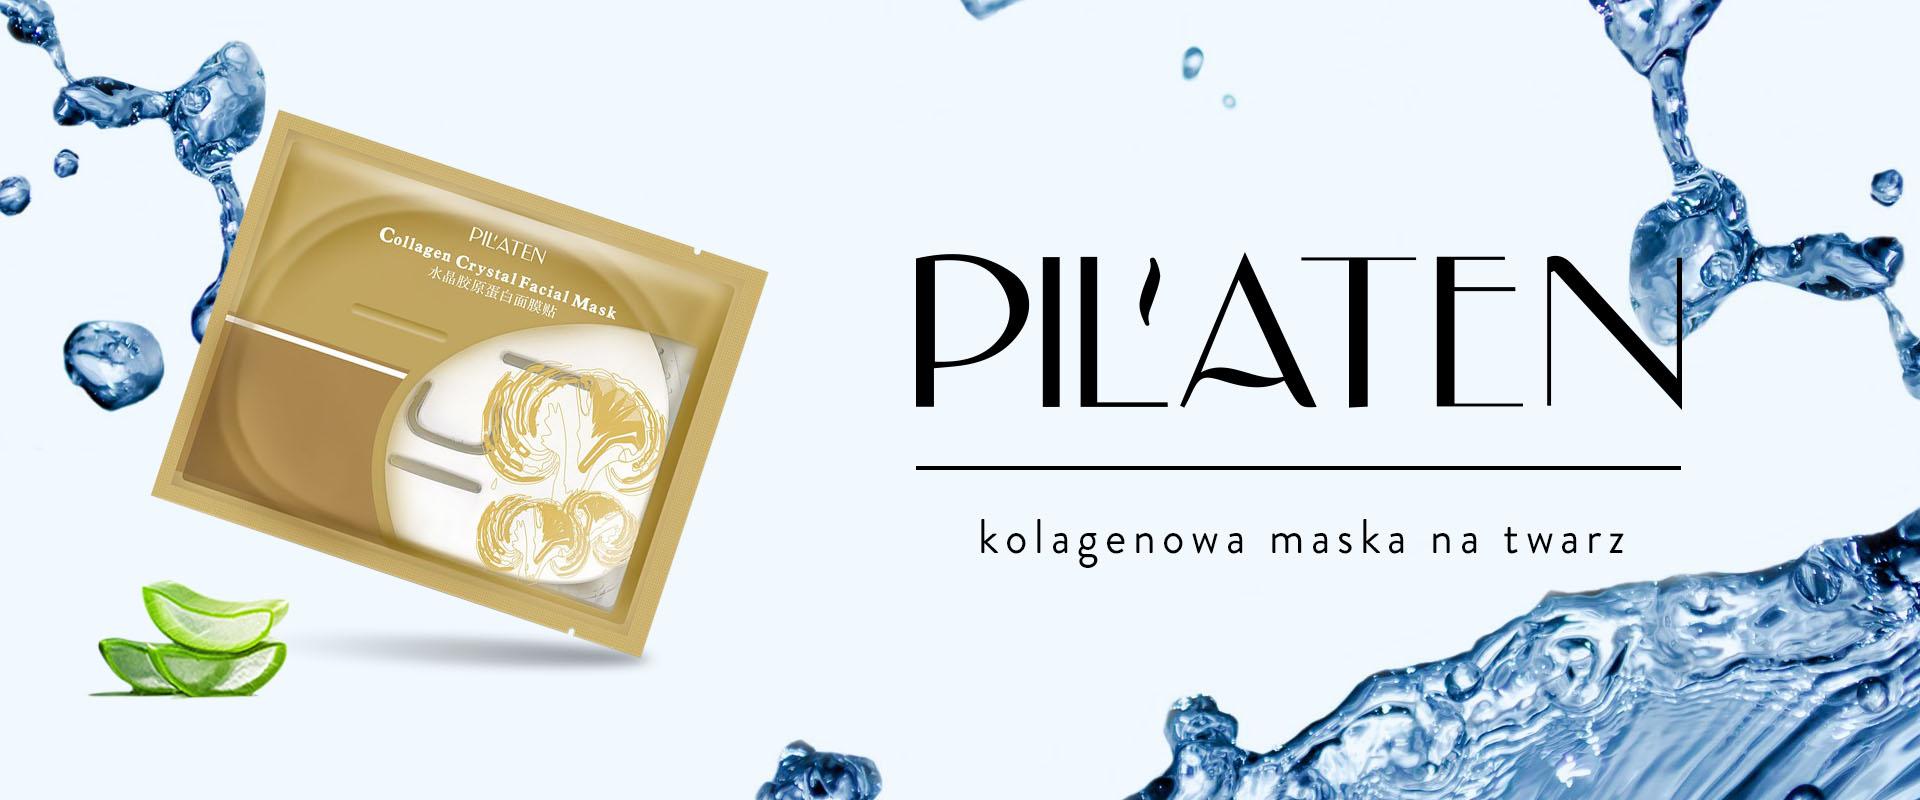 Pilaten krystaliczna kolagenowa maska na twarz